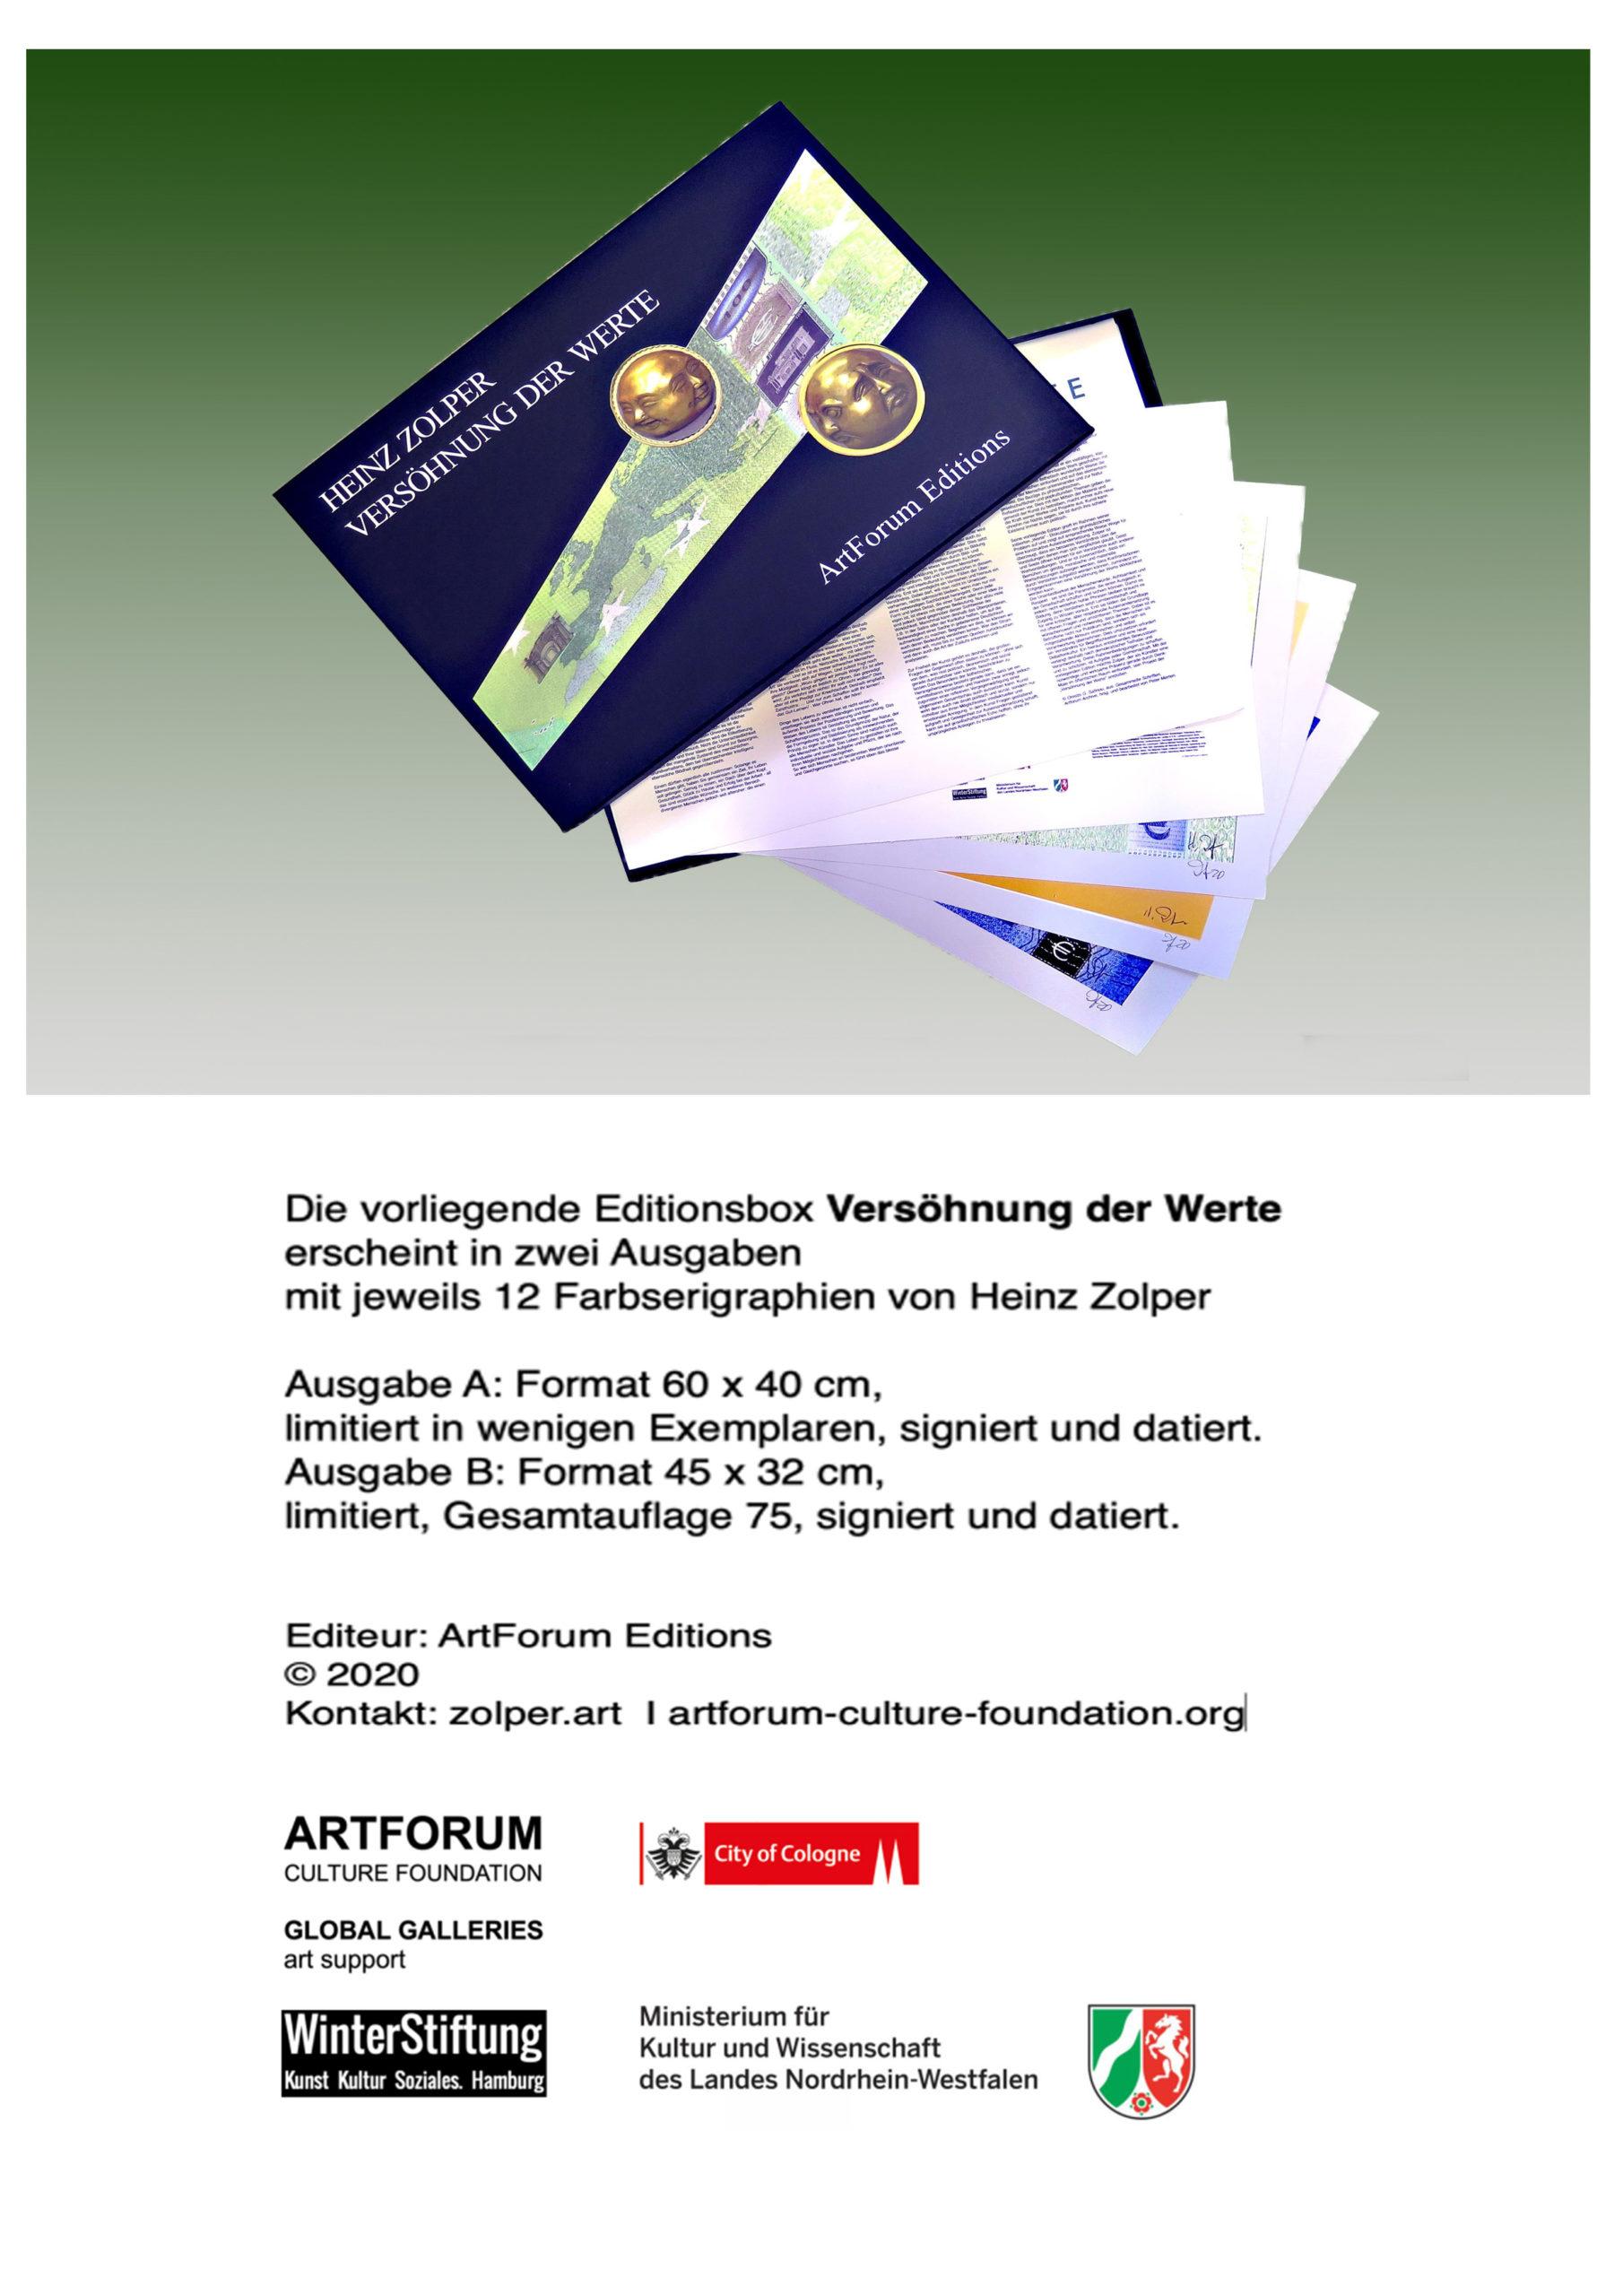 Zolper, Versöhnung der Werte. ArtForum Editions